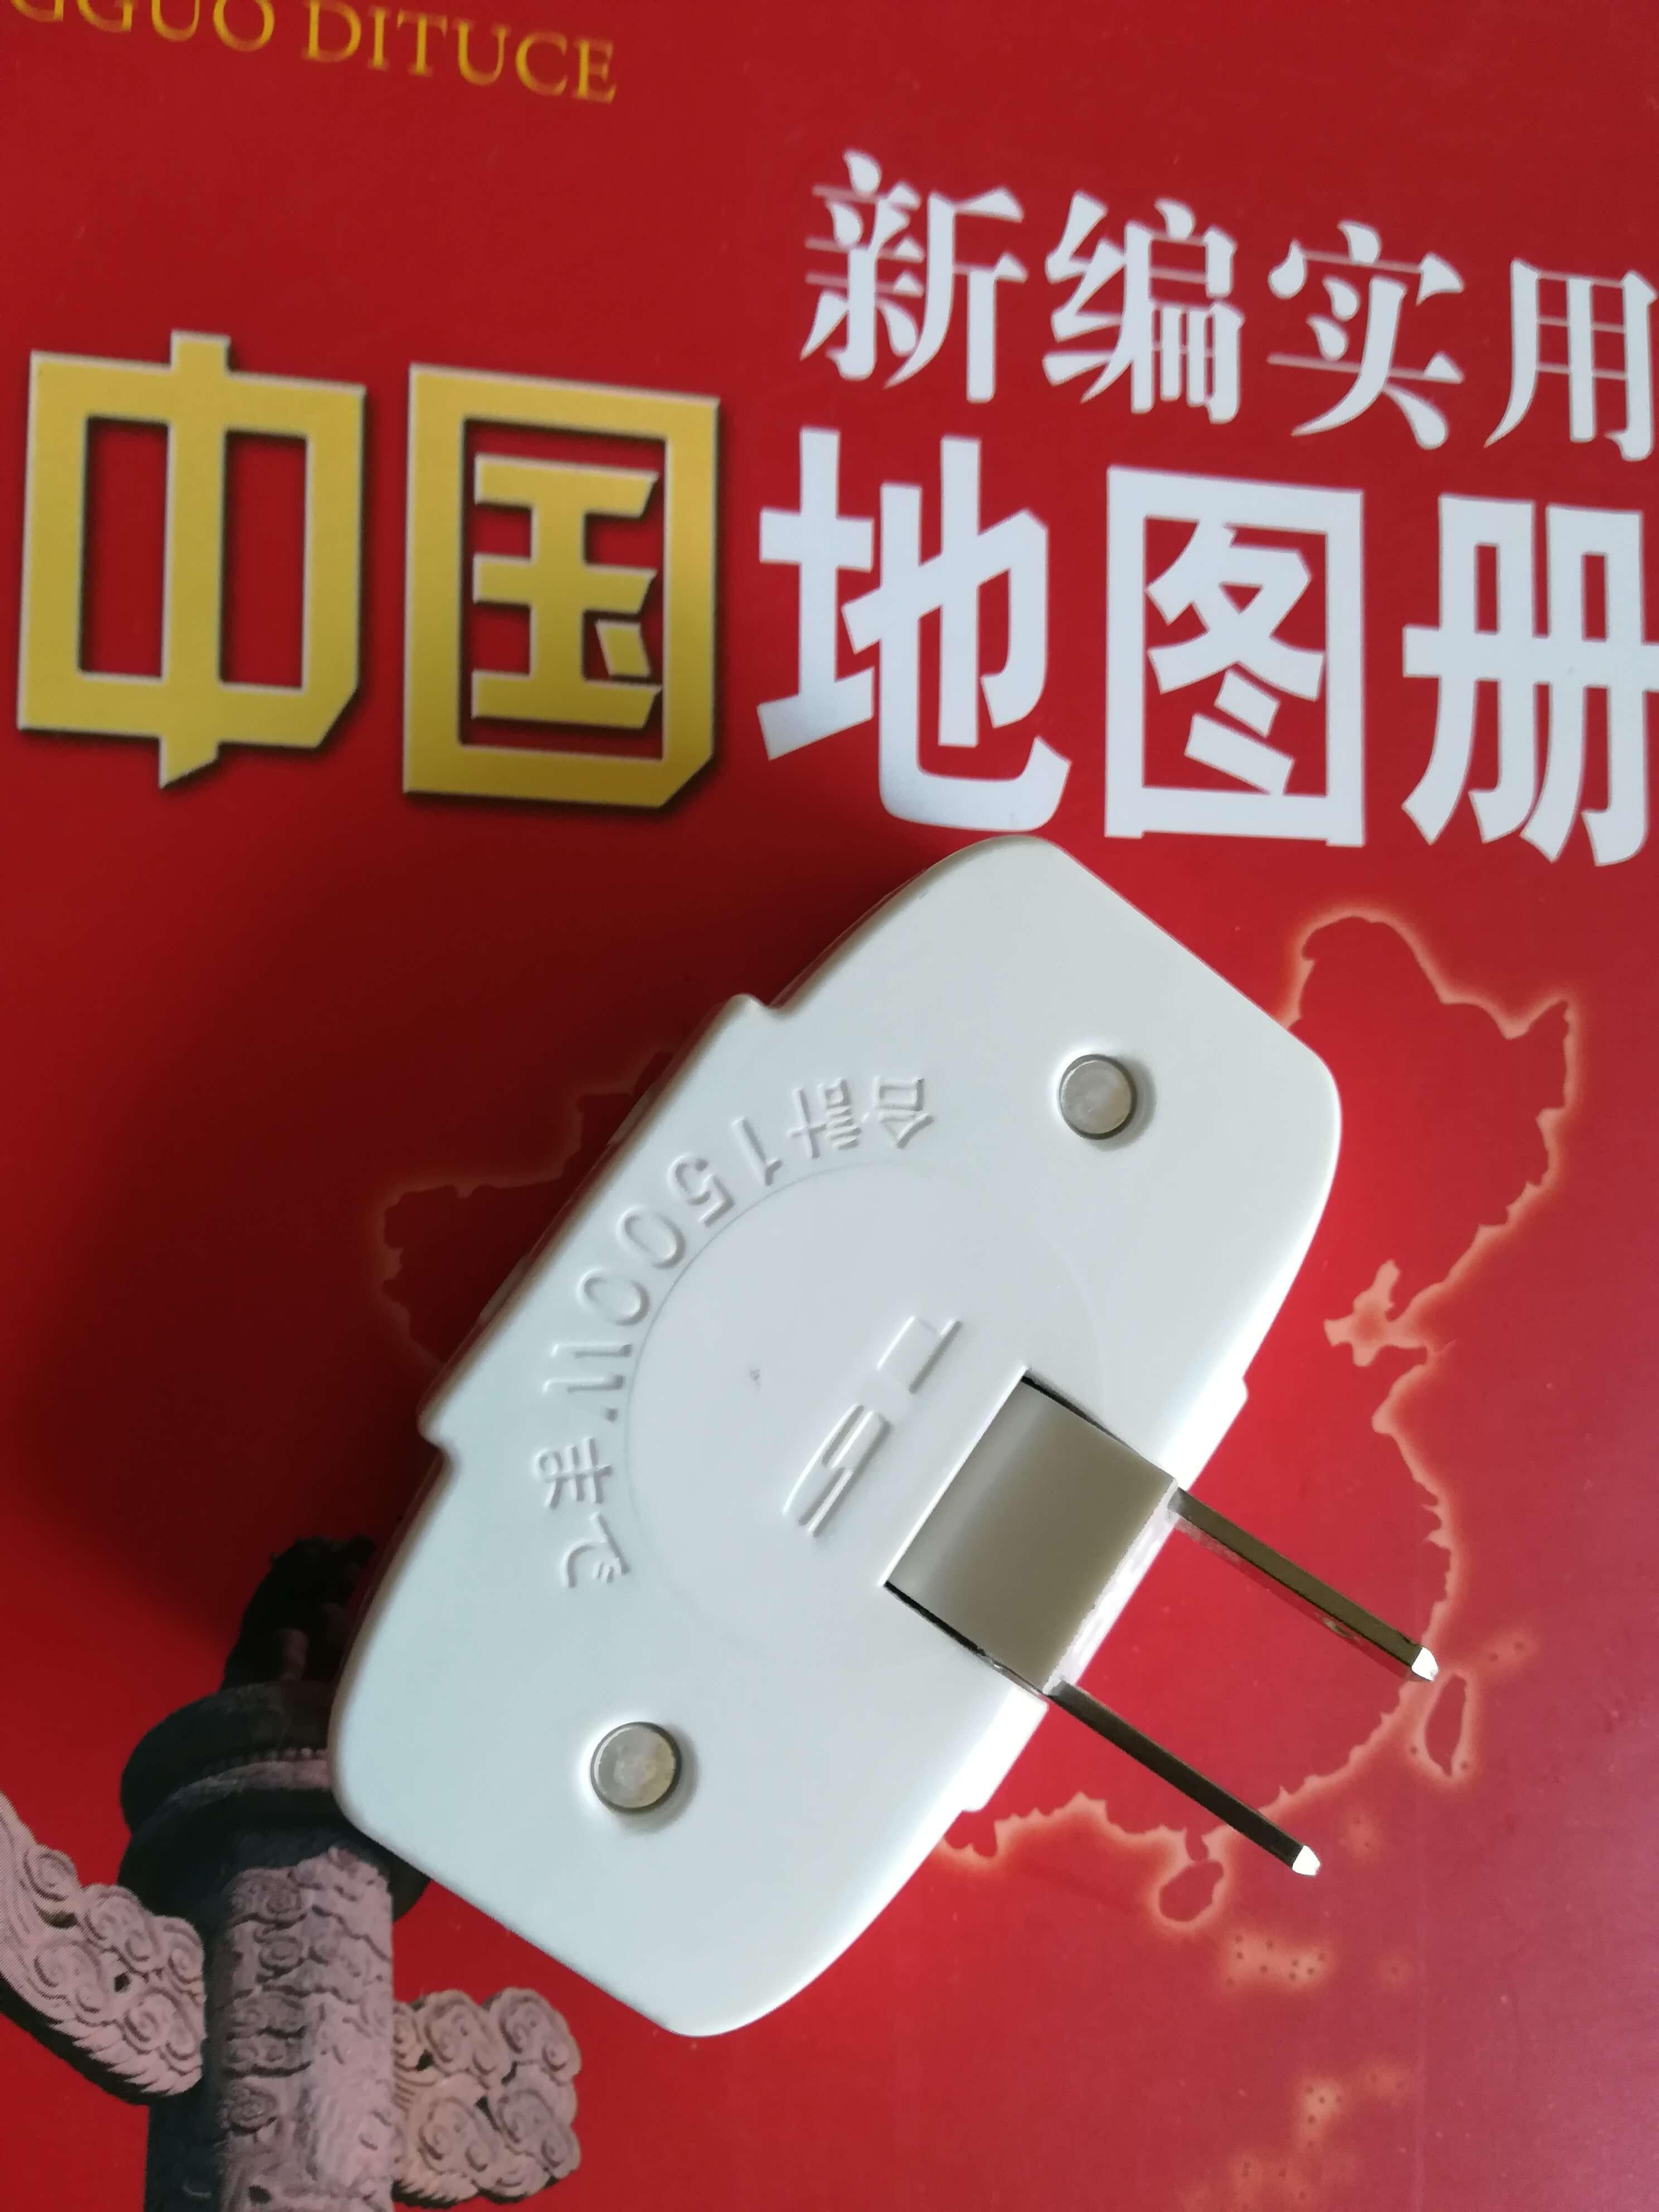 中国内 困ったOOSeries~出張当日、携帯のOOが・・!止む無く・・